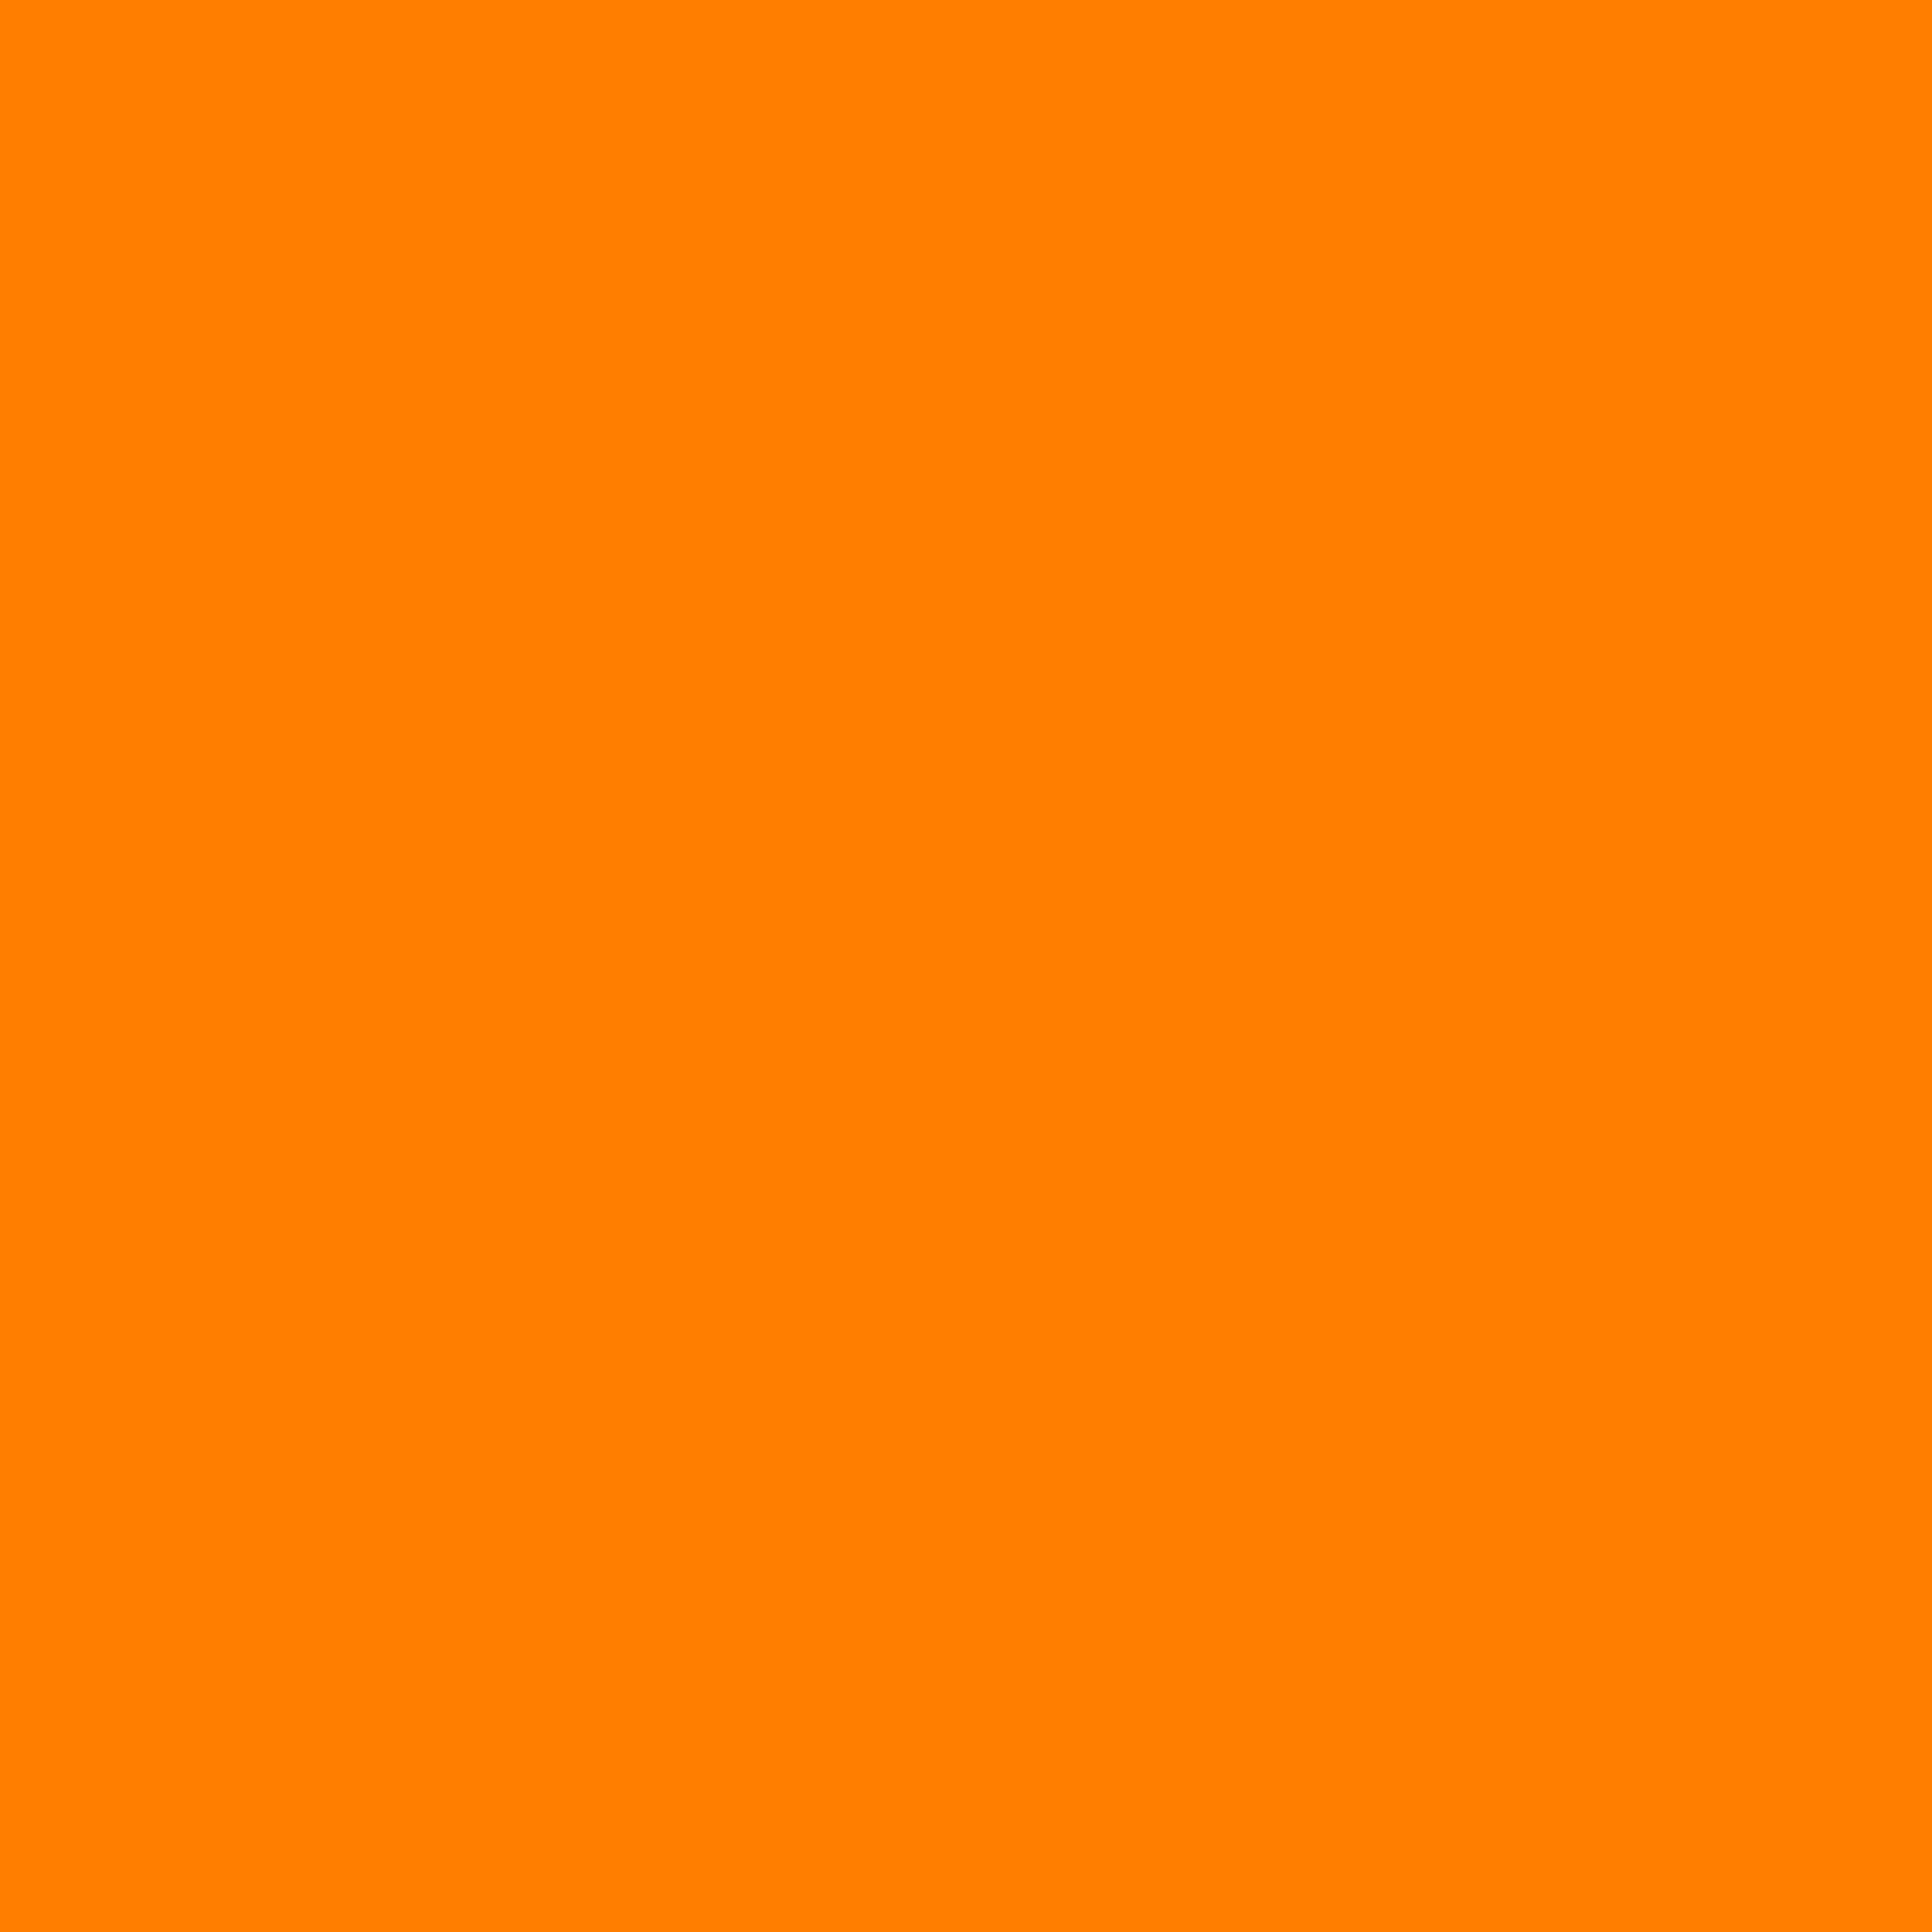 3600x3600 Amber Orange Solid Color Background